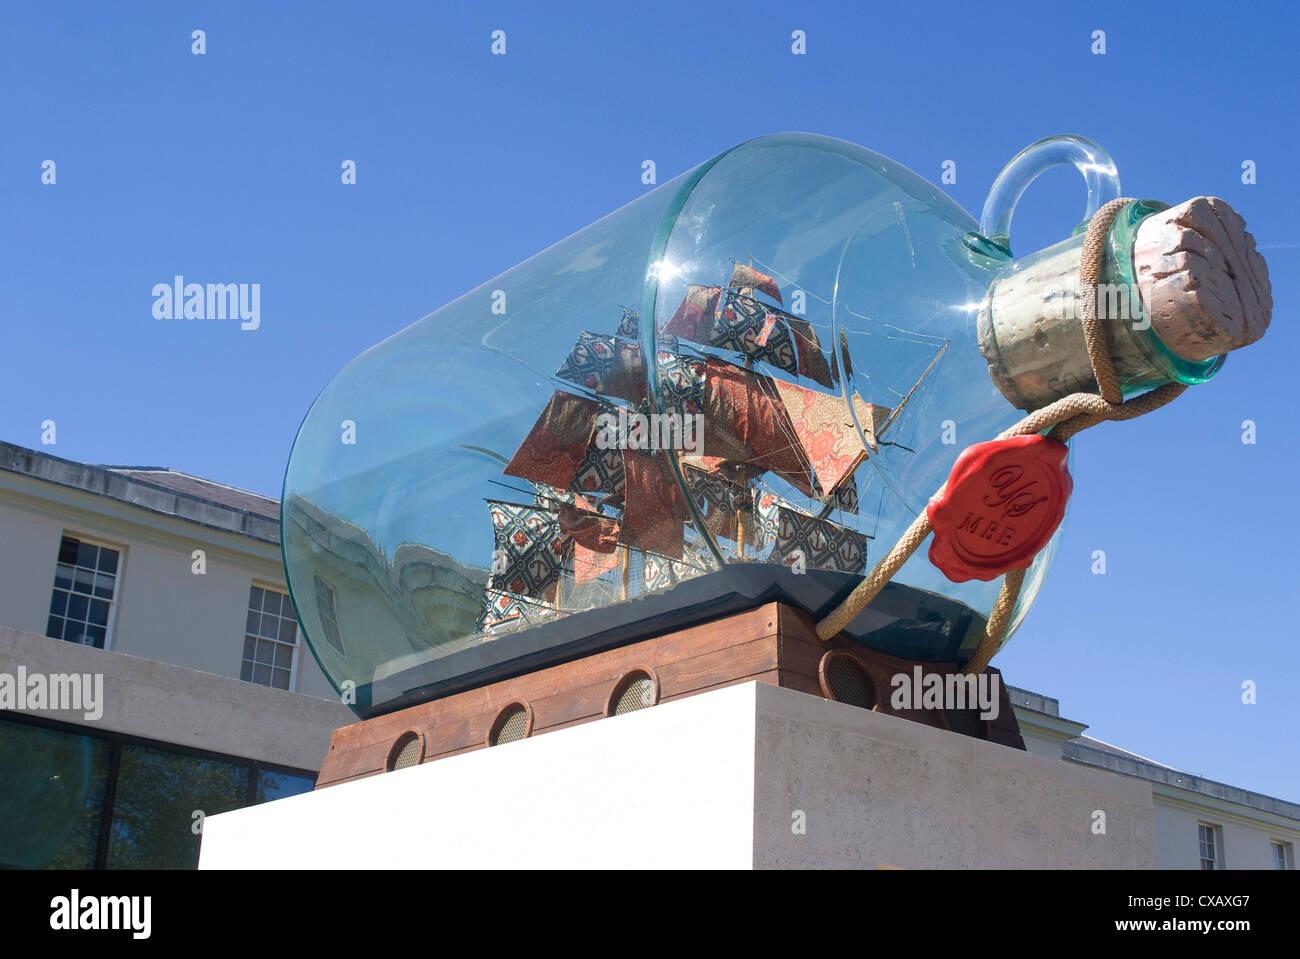 Ships In Bottles Stock Photos Amp Ships In Bottles Stock